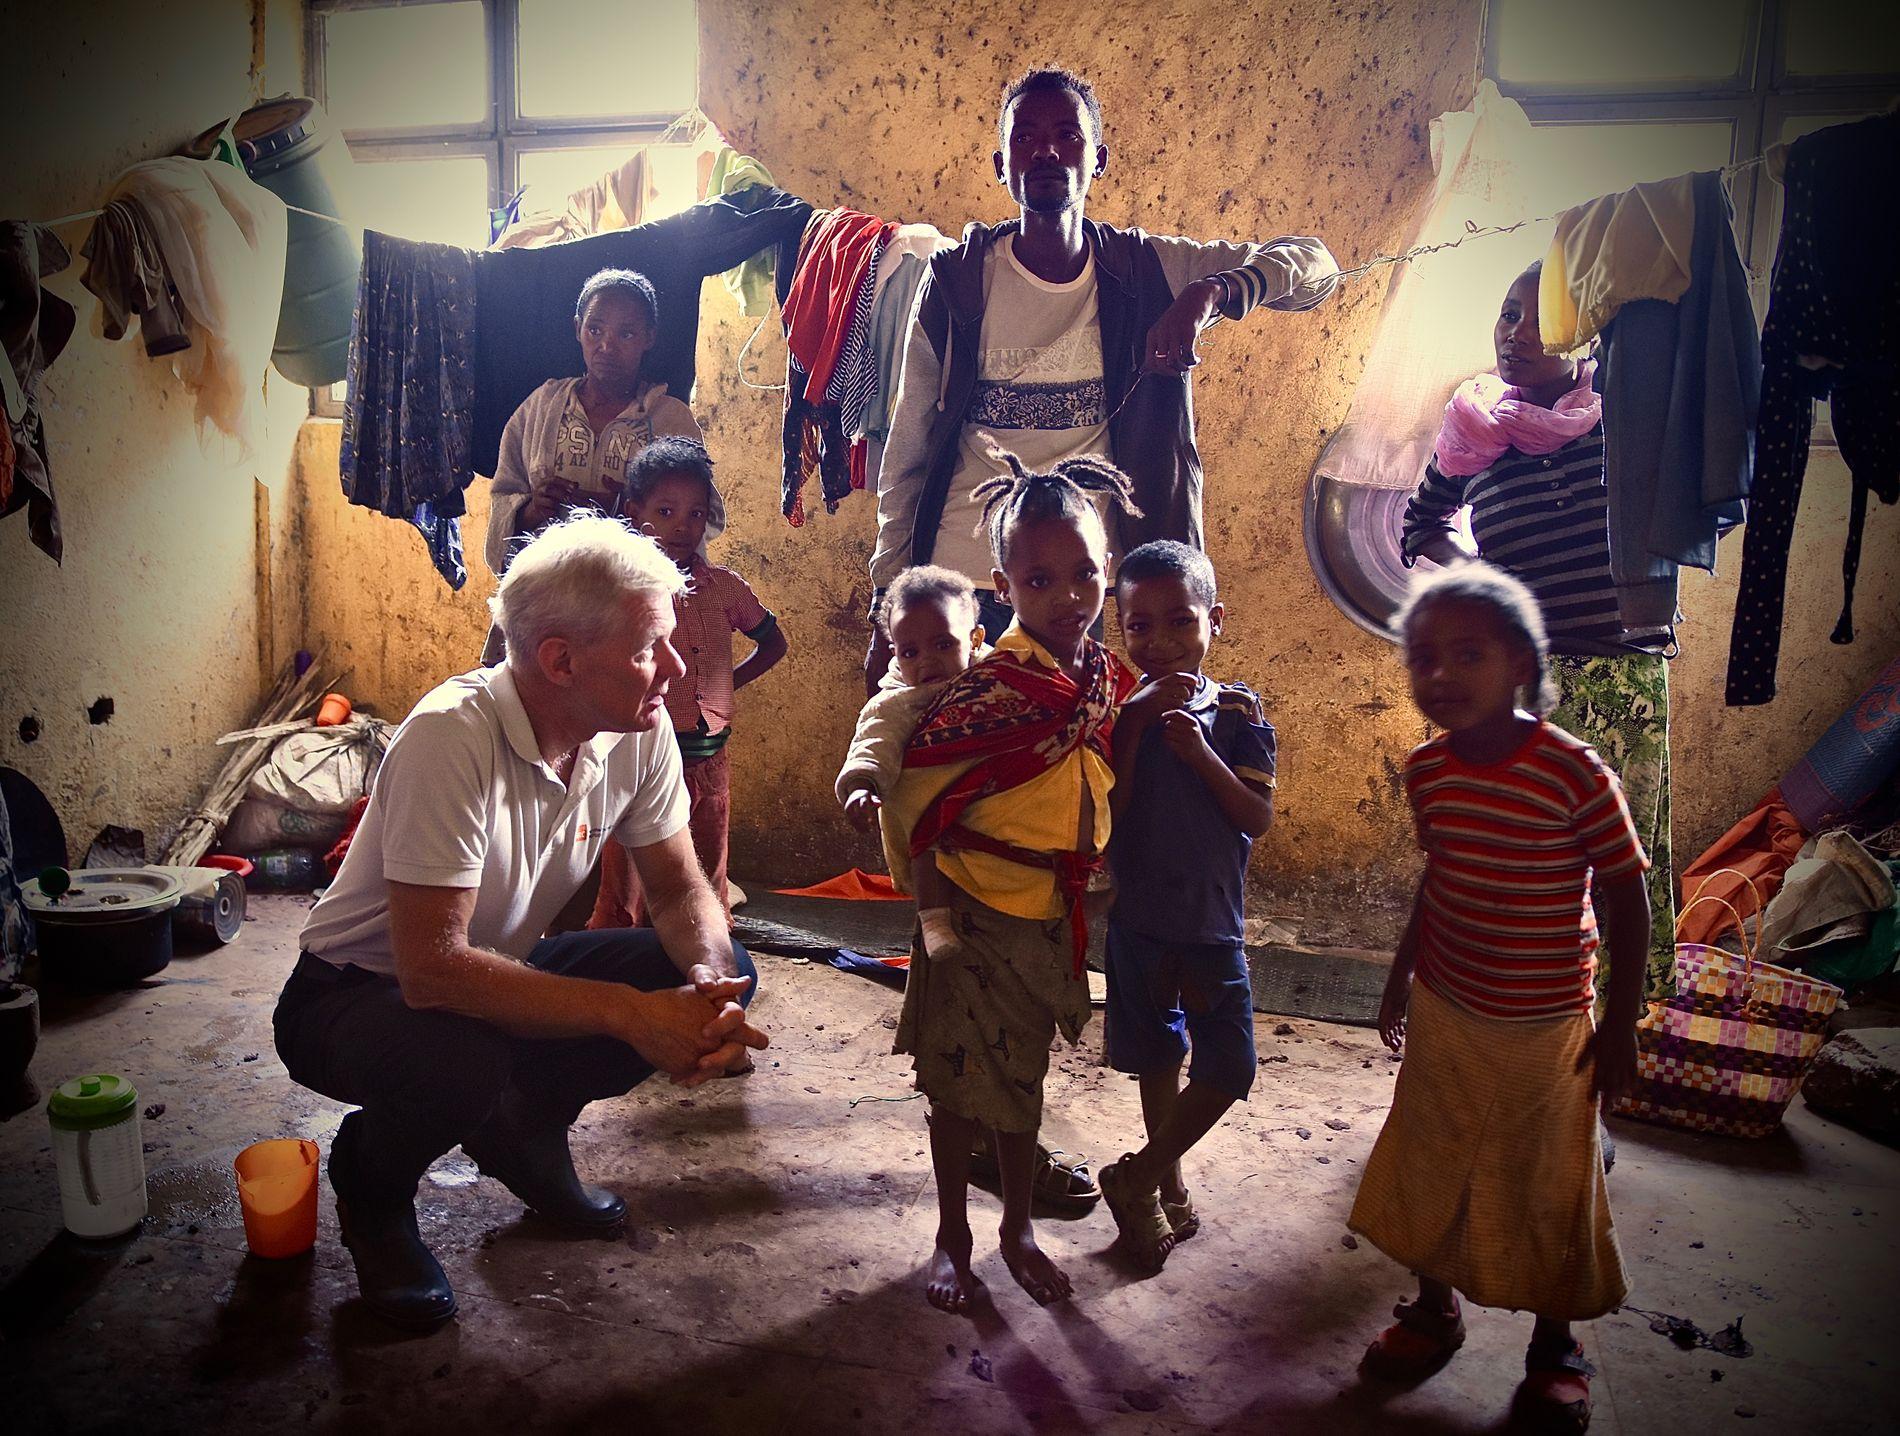 GLEMTE KRISER: – Jeg bruker mer og mer av tiden min på de glemte, neglisjerte konfliktene. Etiopia er et slikt tilfelle, forteller Jan Egeland. Her under et besøk til byen Dilla, sør i Etiopia.